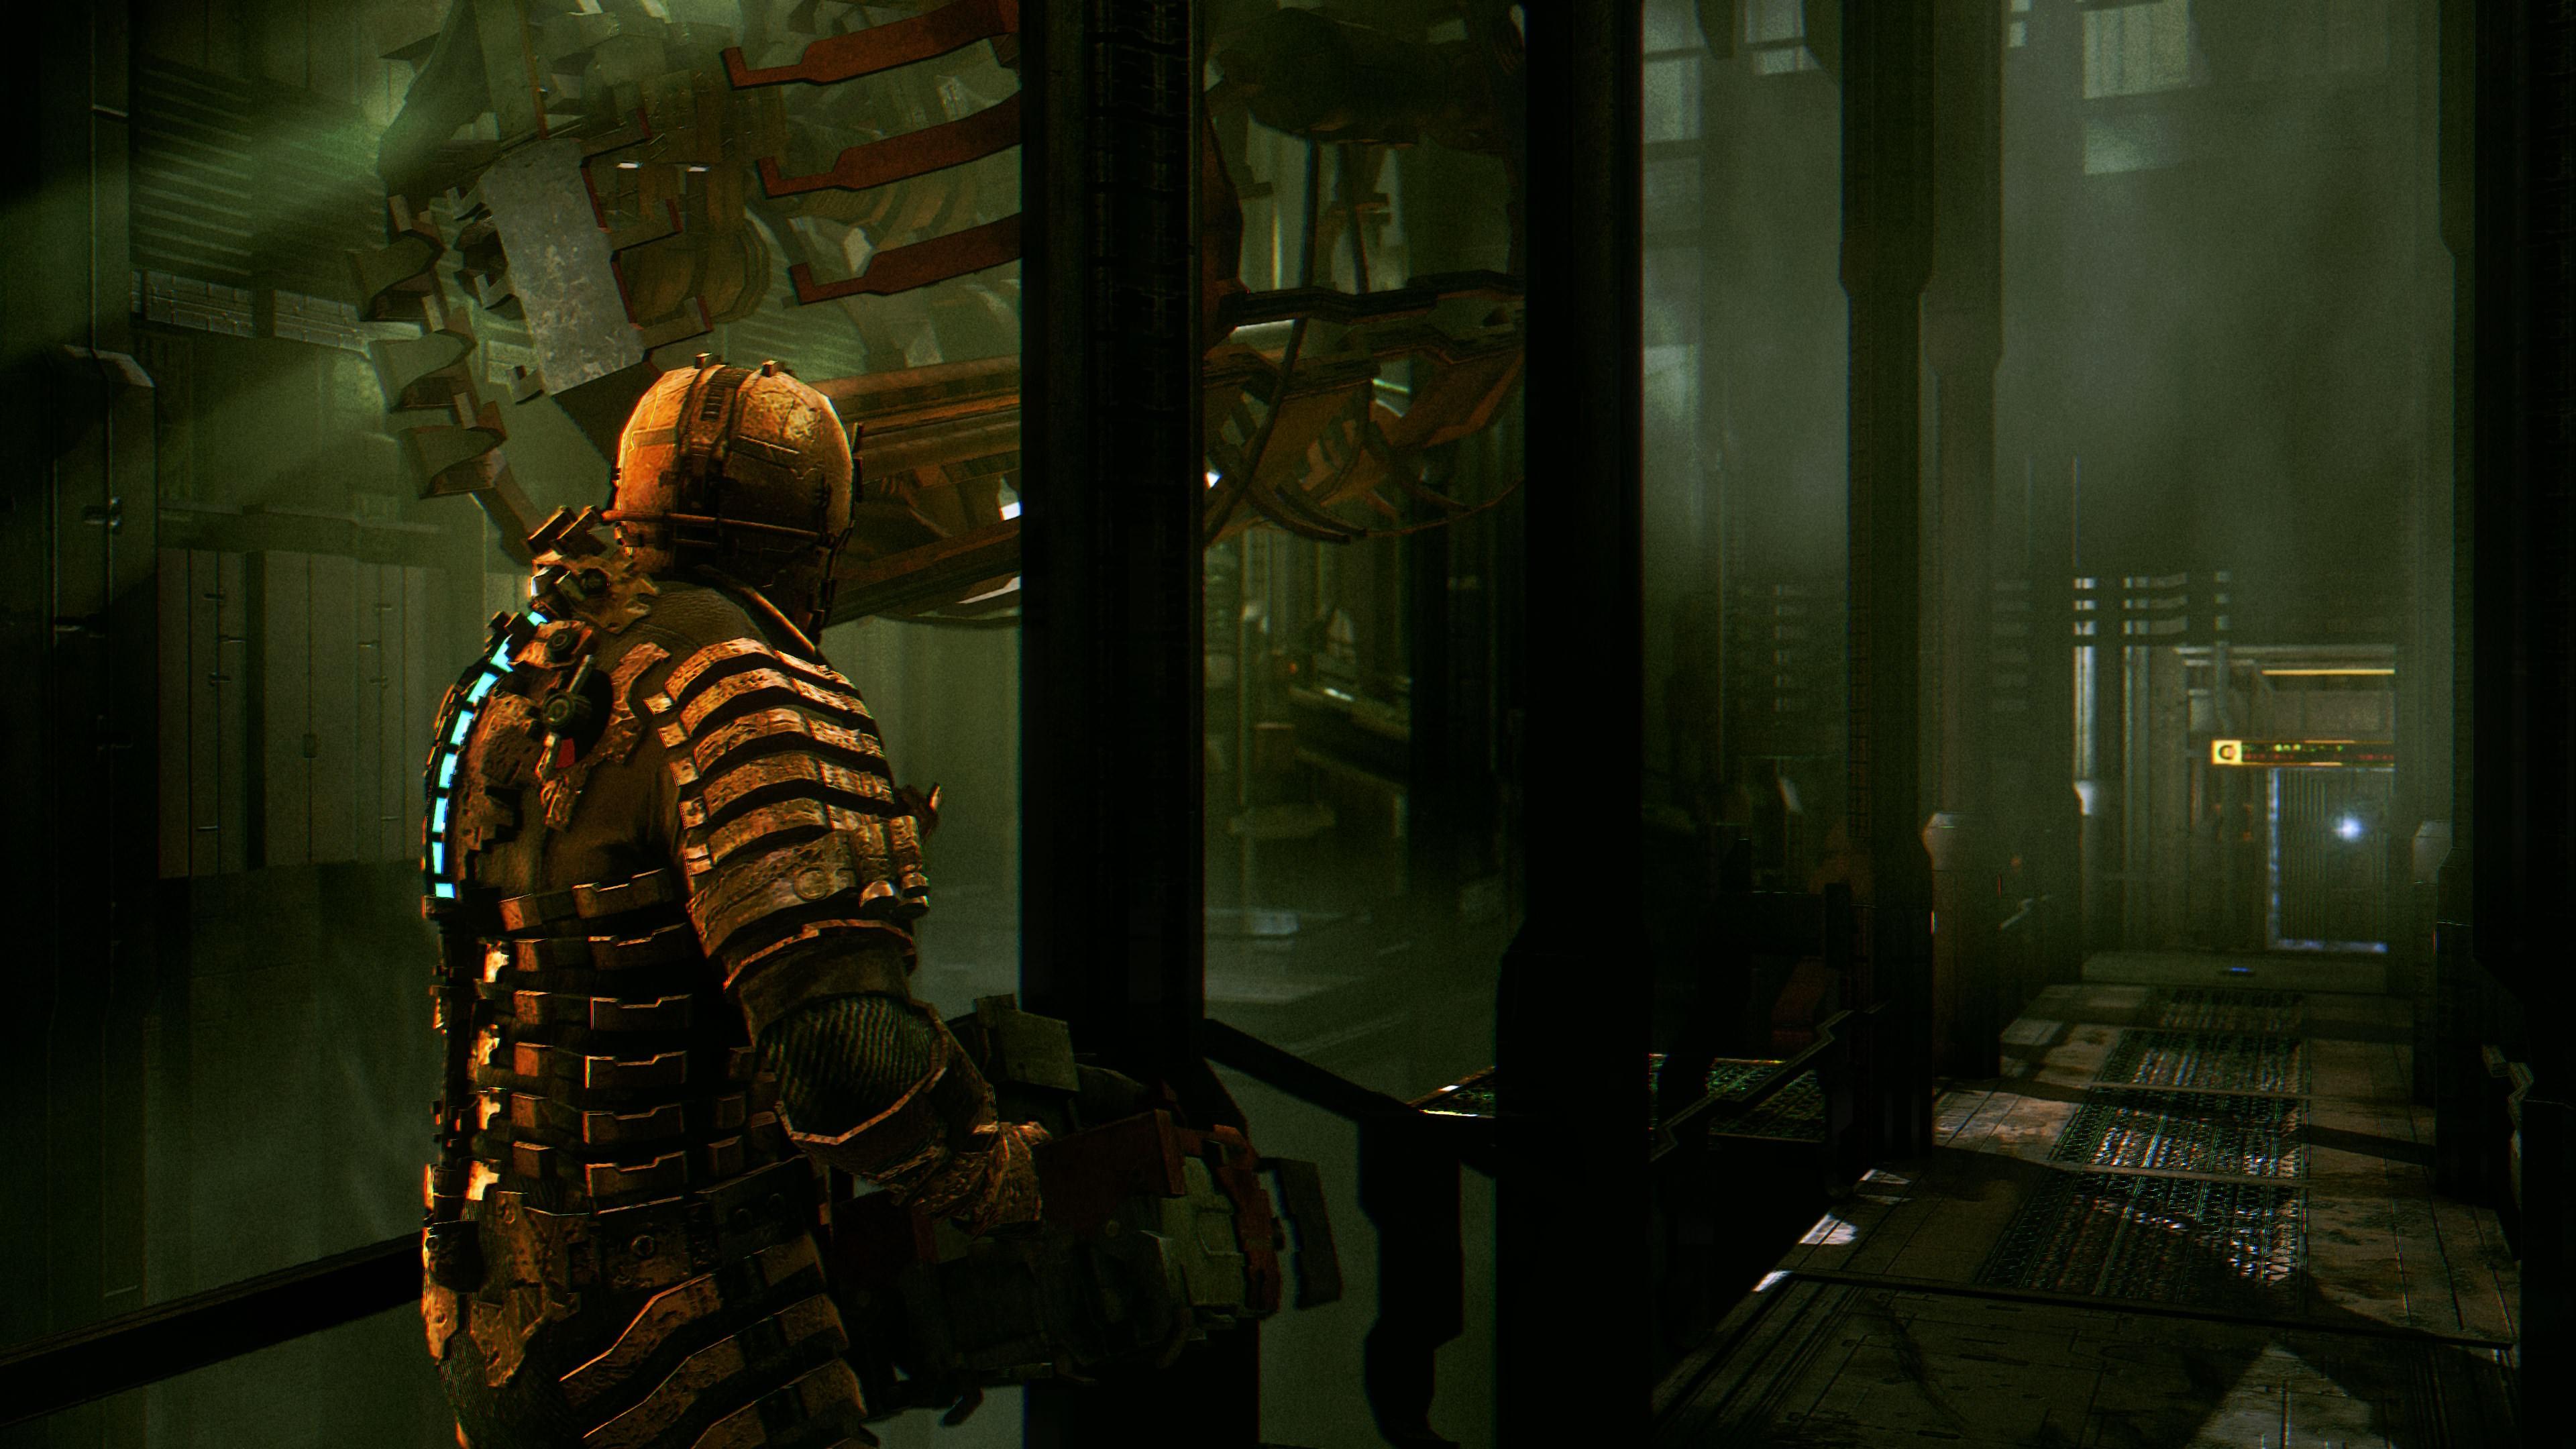 d9OR3wgD5NGPE - デッドスペースのスタジオ閉鎖EA「もうシングルプレイゲームは採算が取れない」